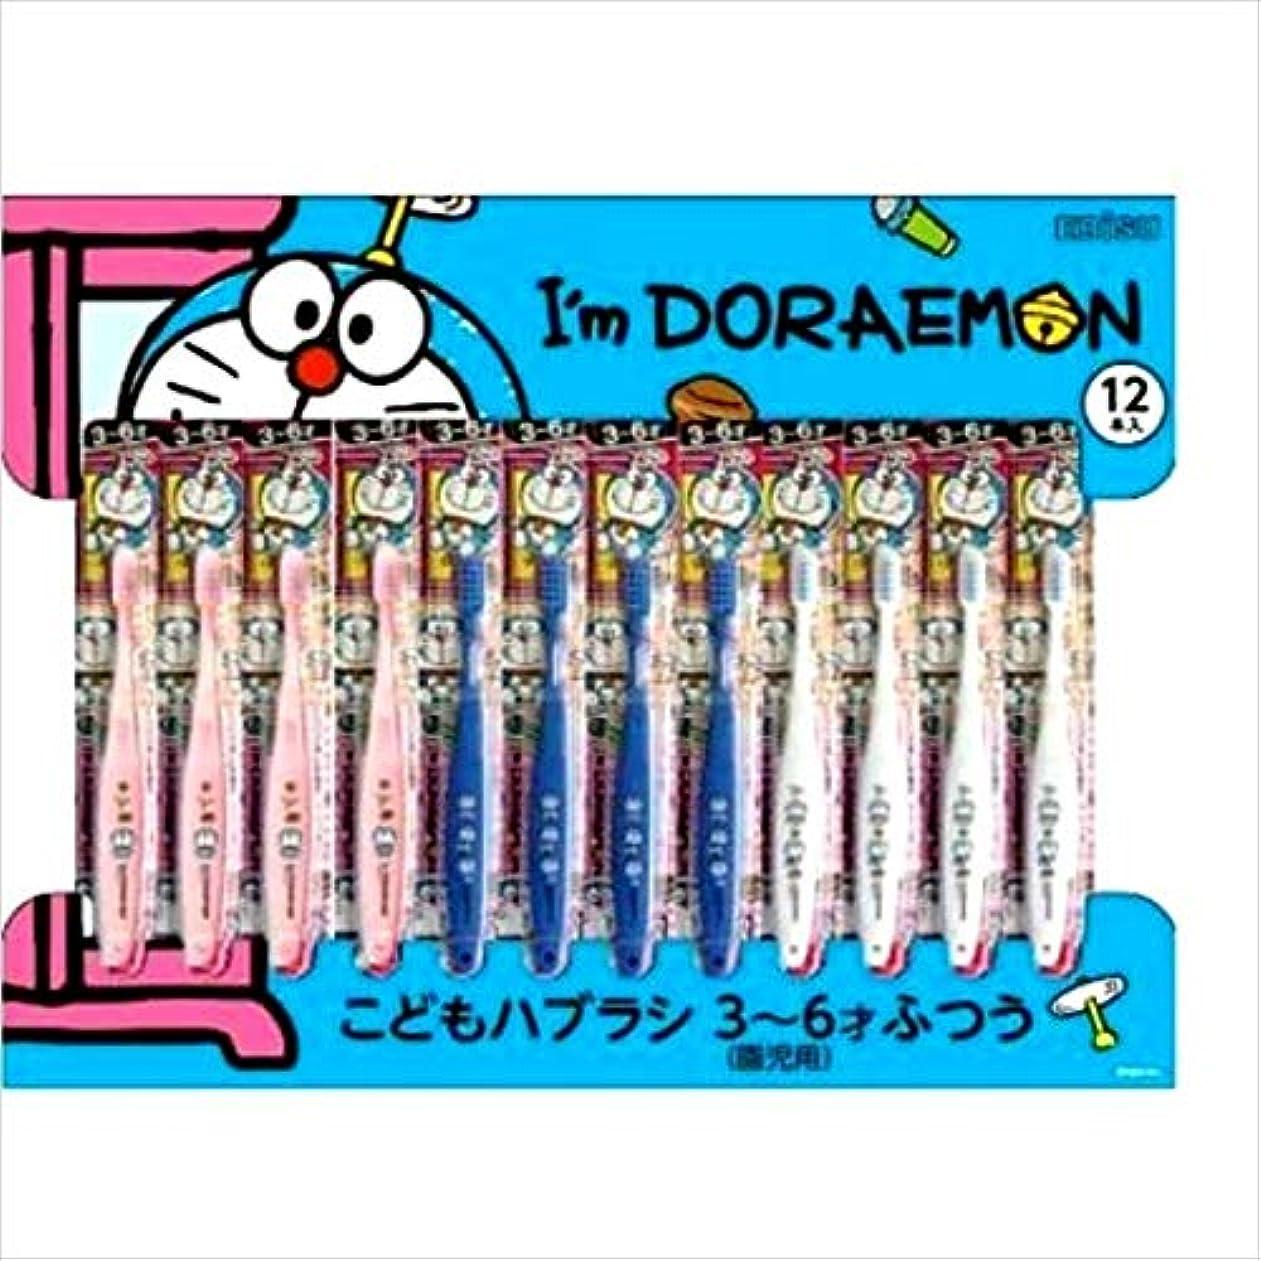 肘カトリック教徒好むI'M DORAEMON 子供用 歯ブラシ 12本入り